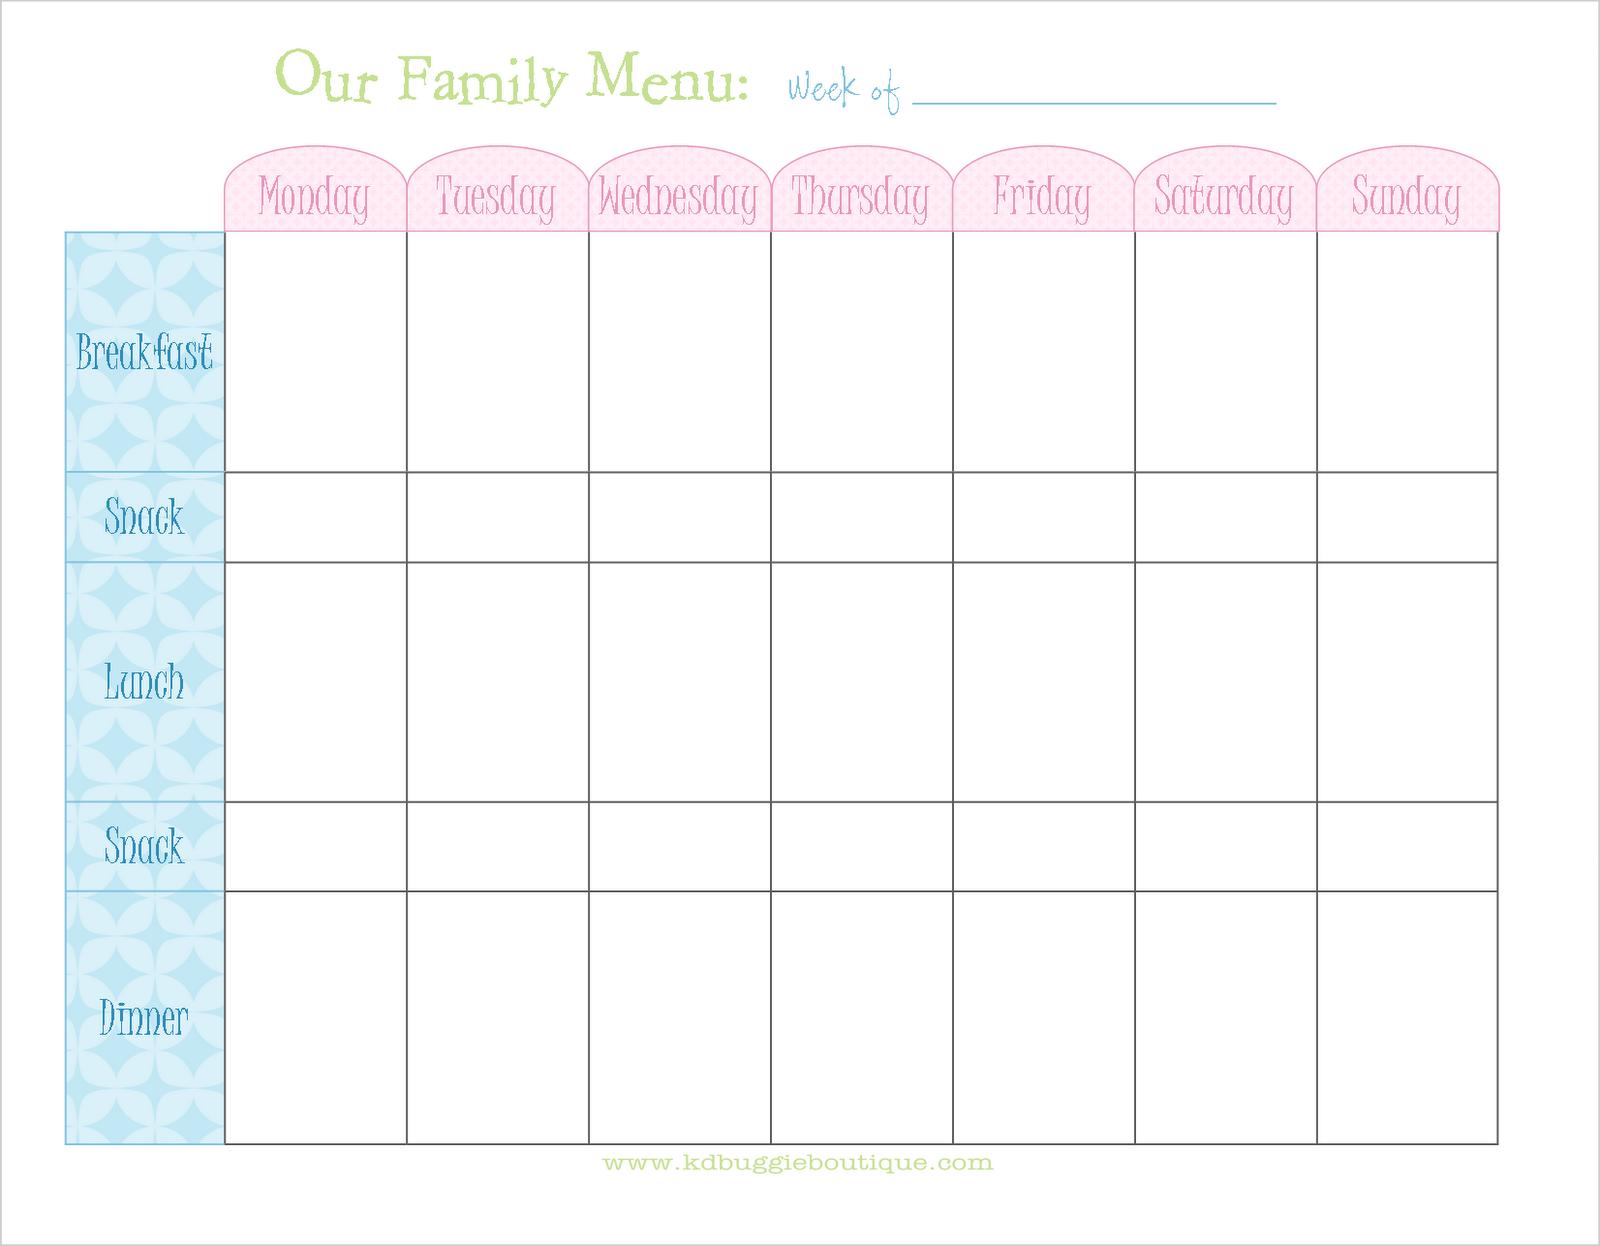 Printable Weekly Menu Planner Template Costumepartyrun - Weekly menu planner template